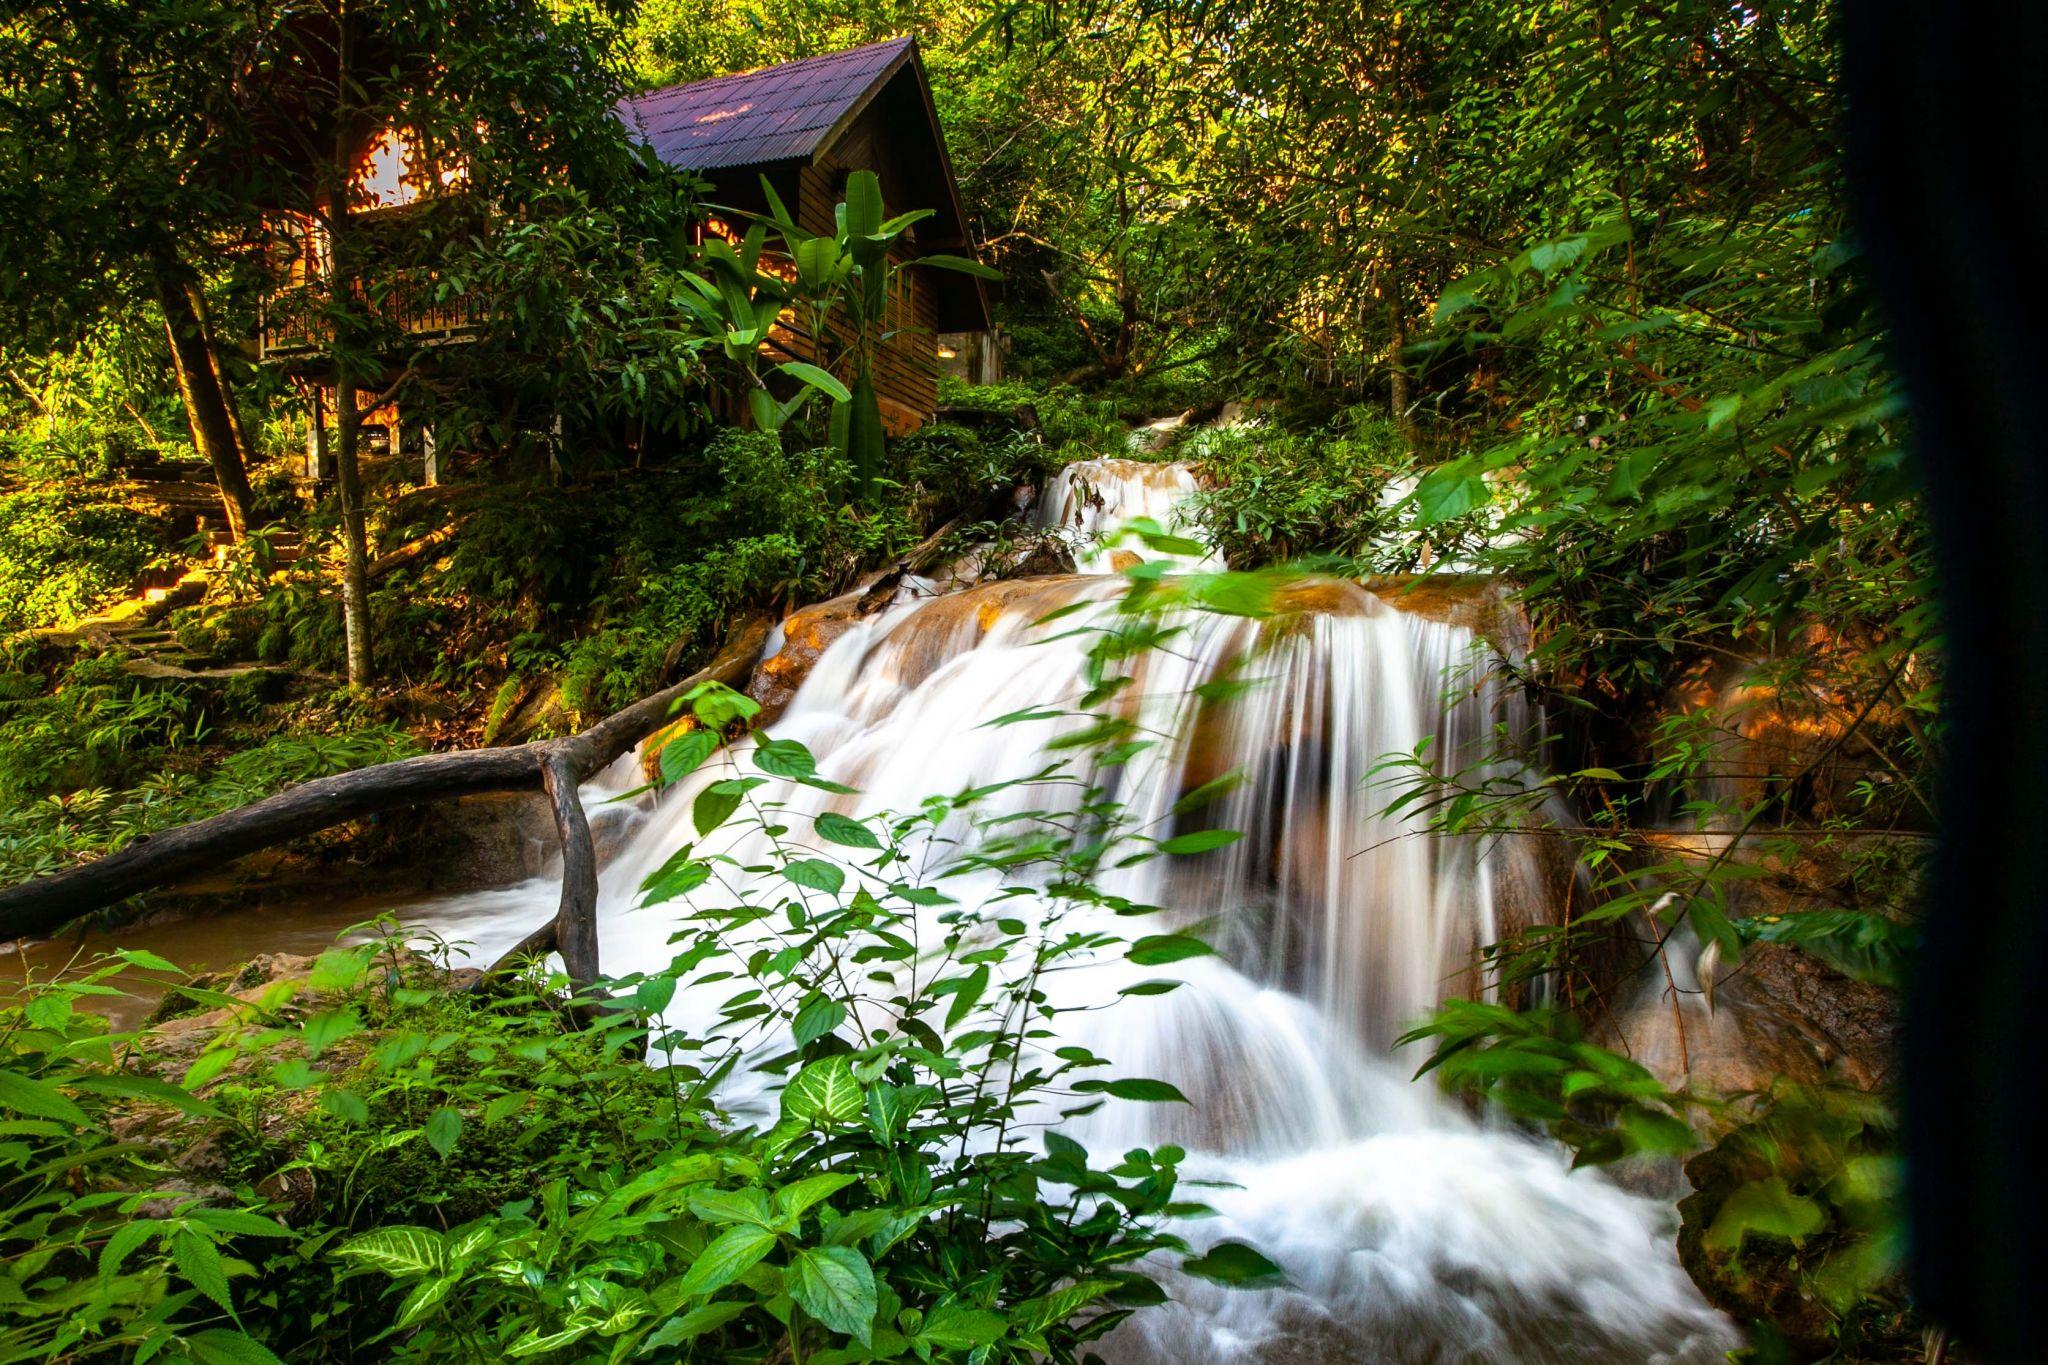 Chiang Mai Maetaman waterfall & Hut, Thailand